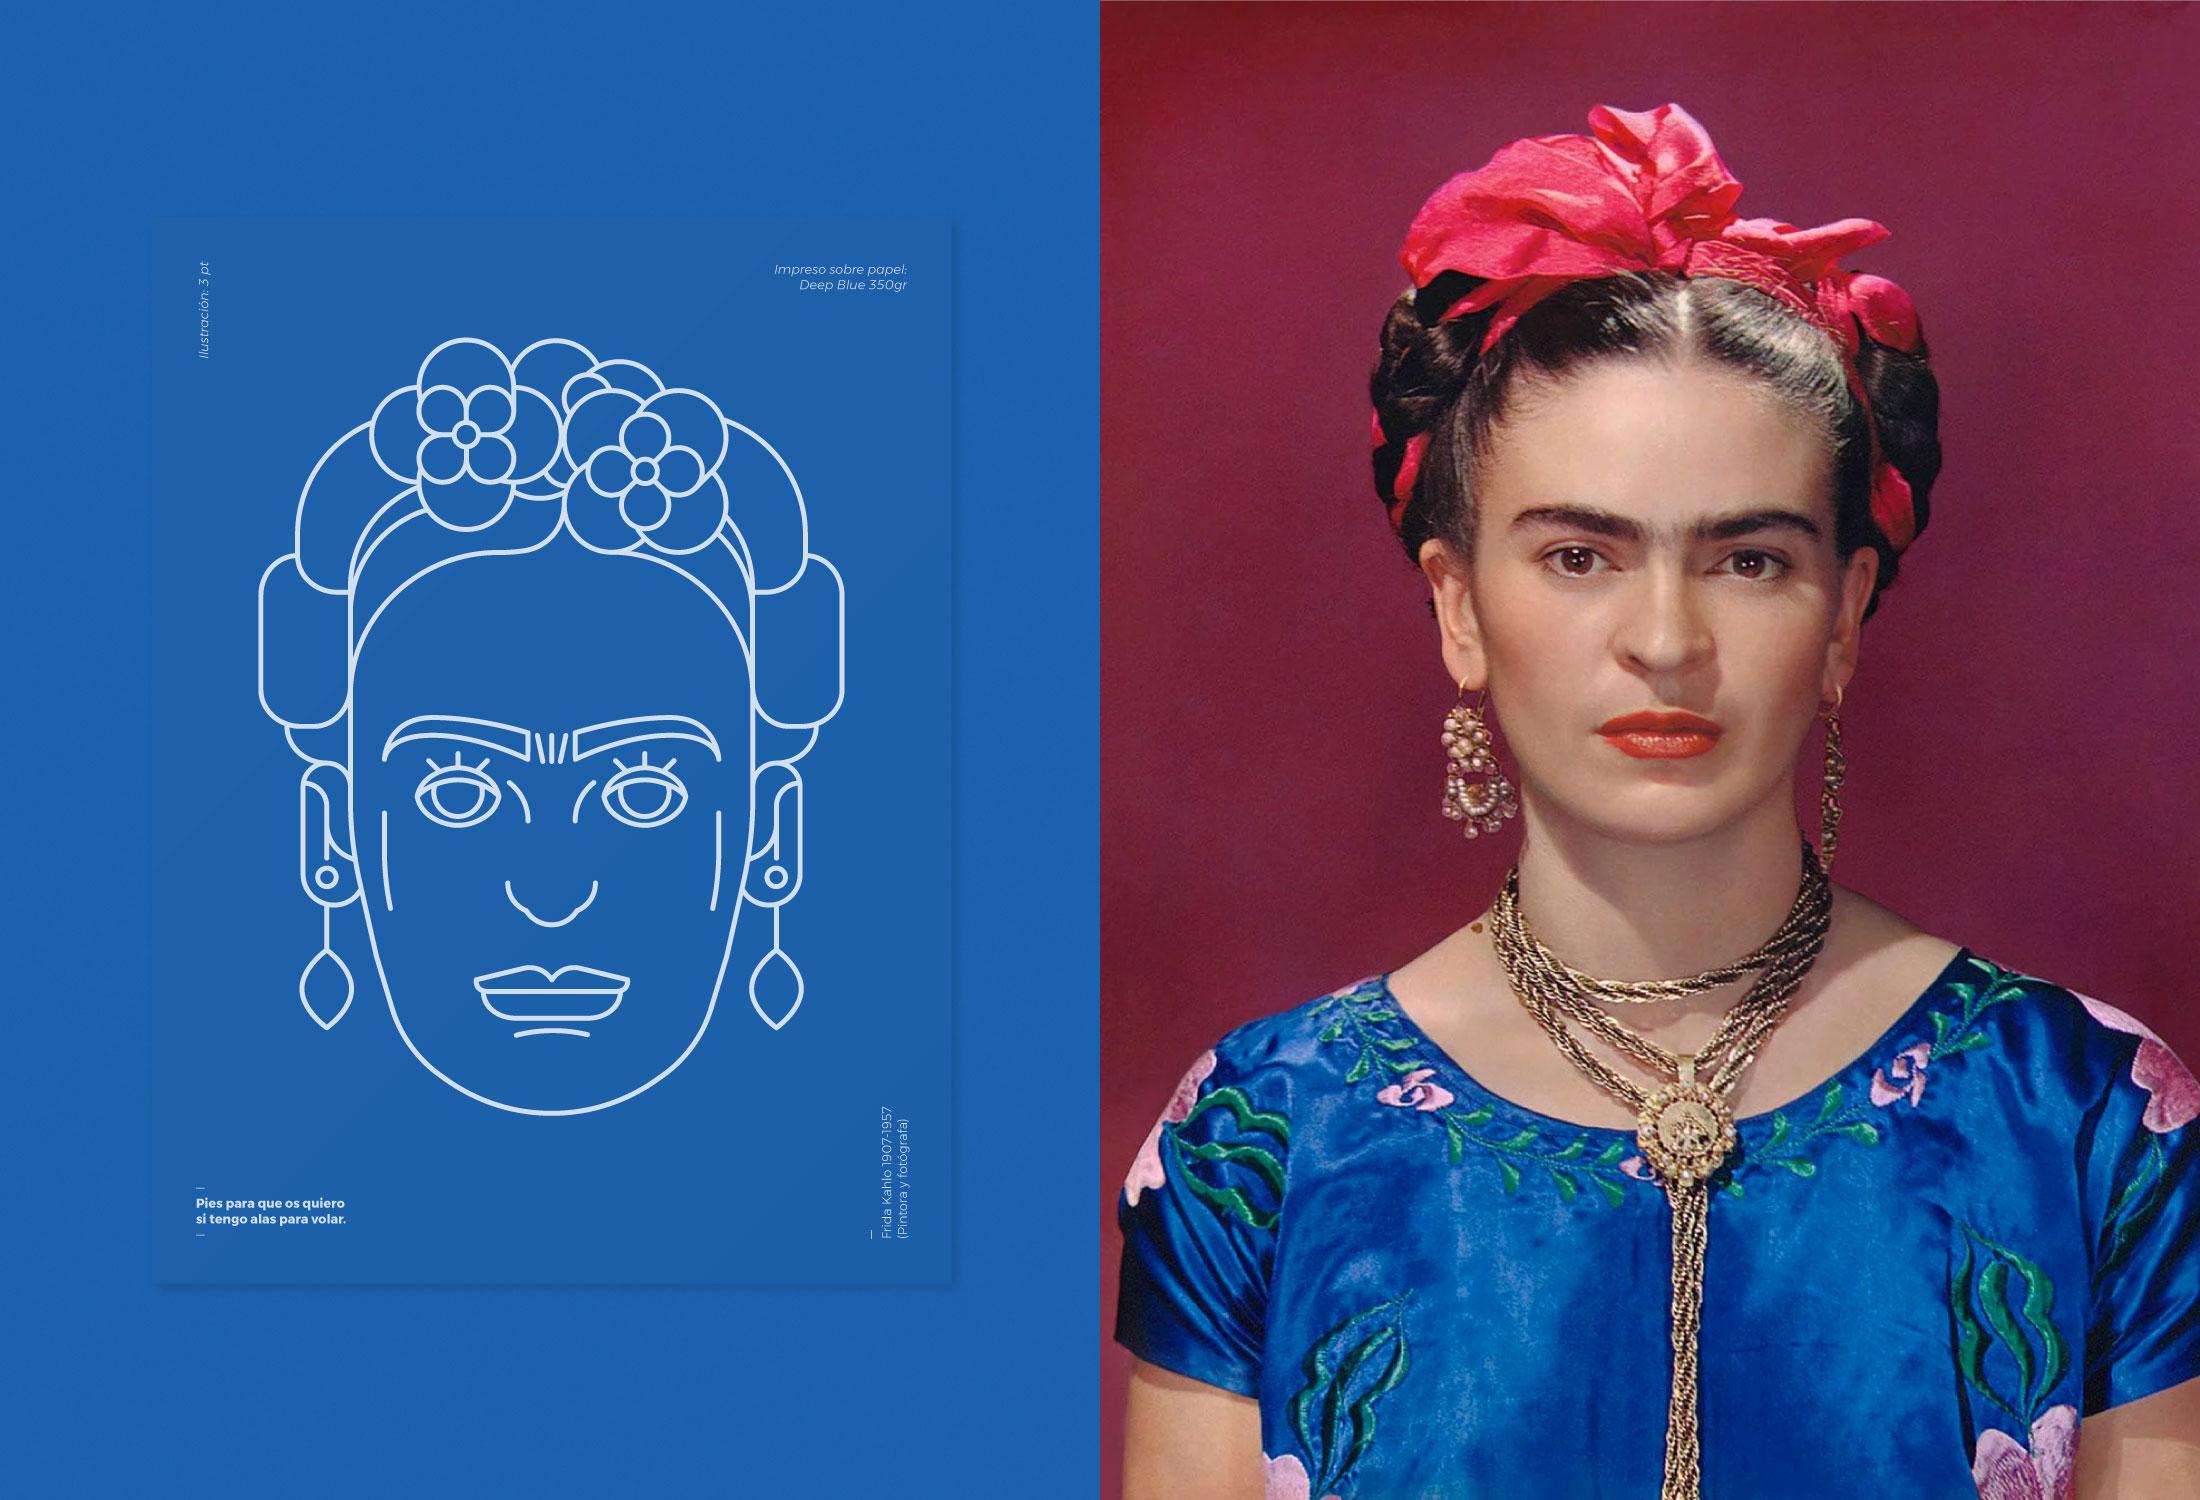 Ilustración retratos